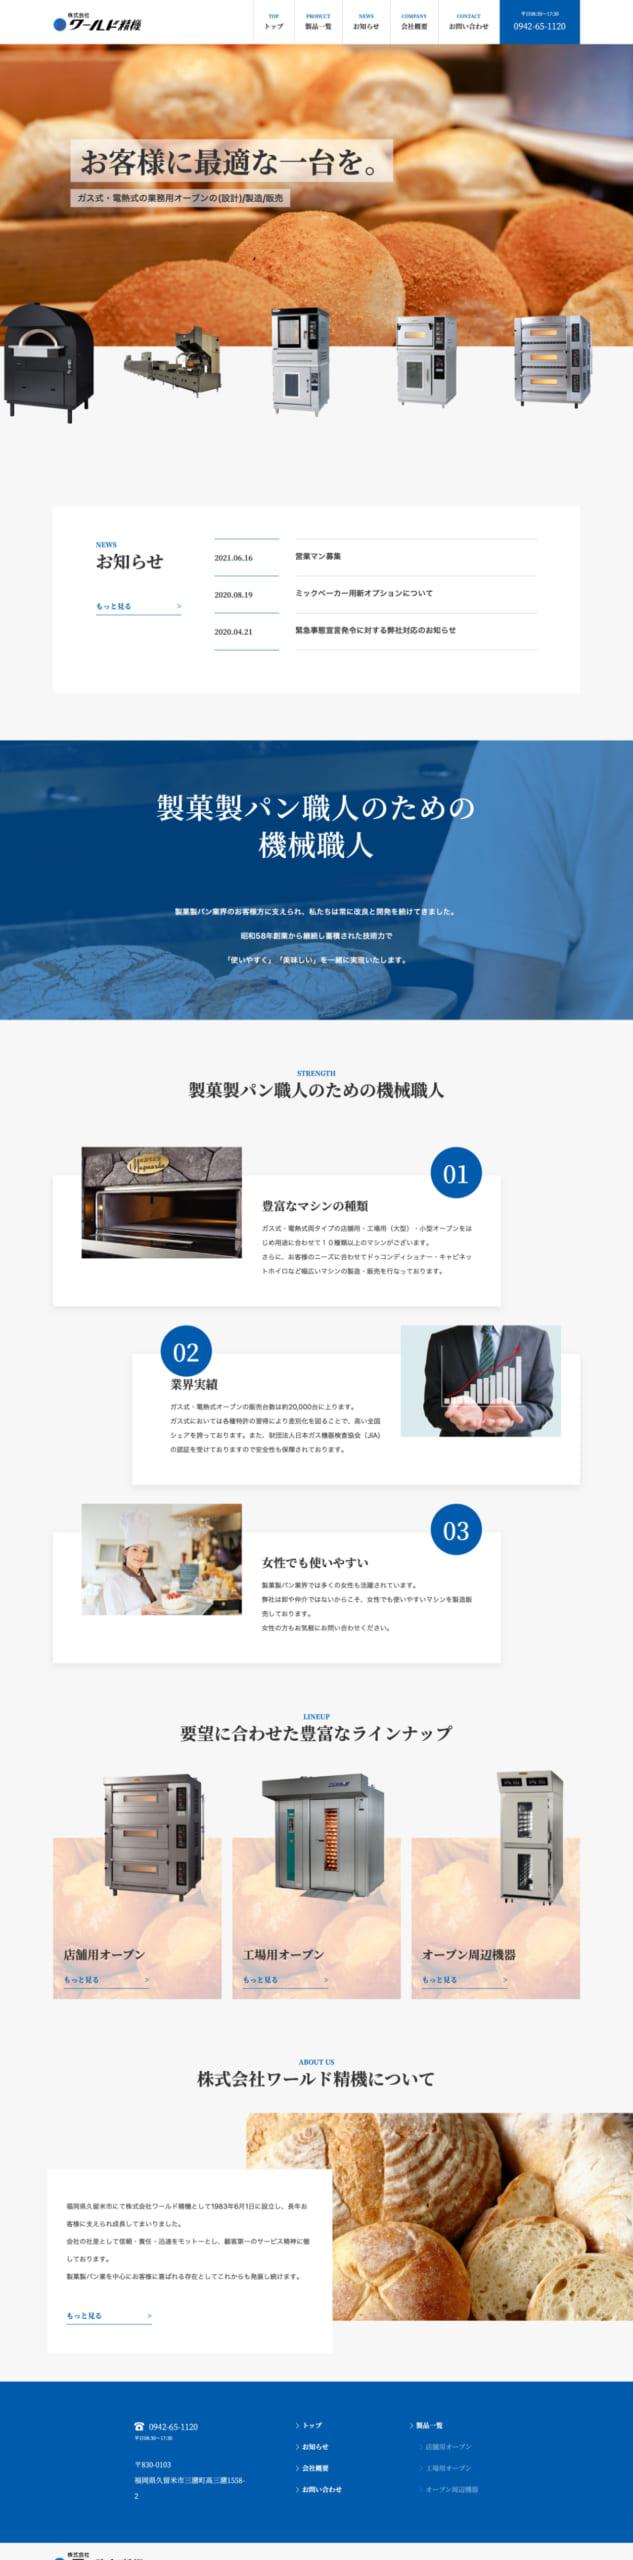 株式会社ワールド精機様 PC画像